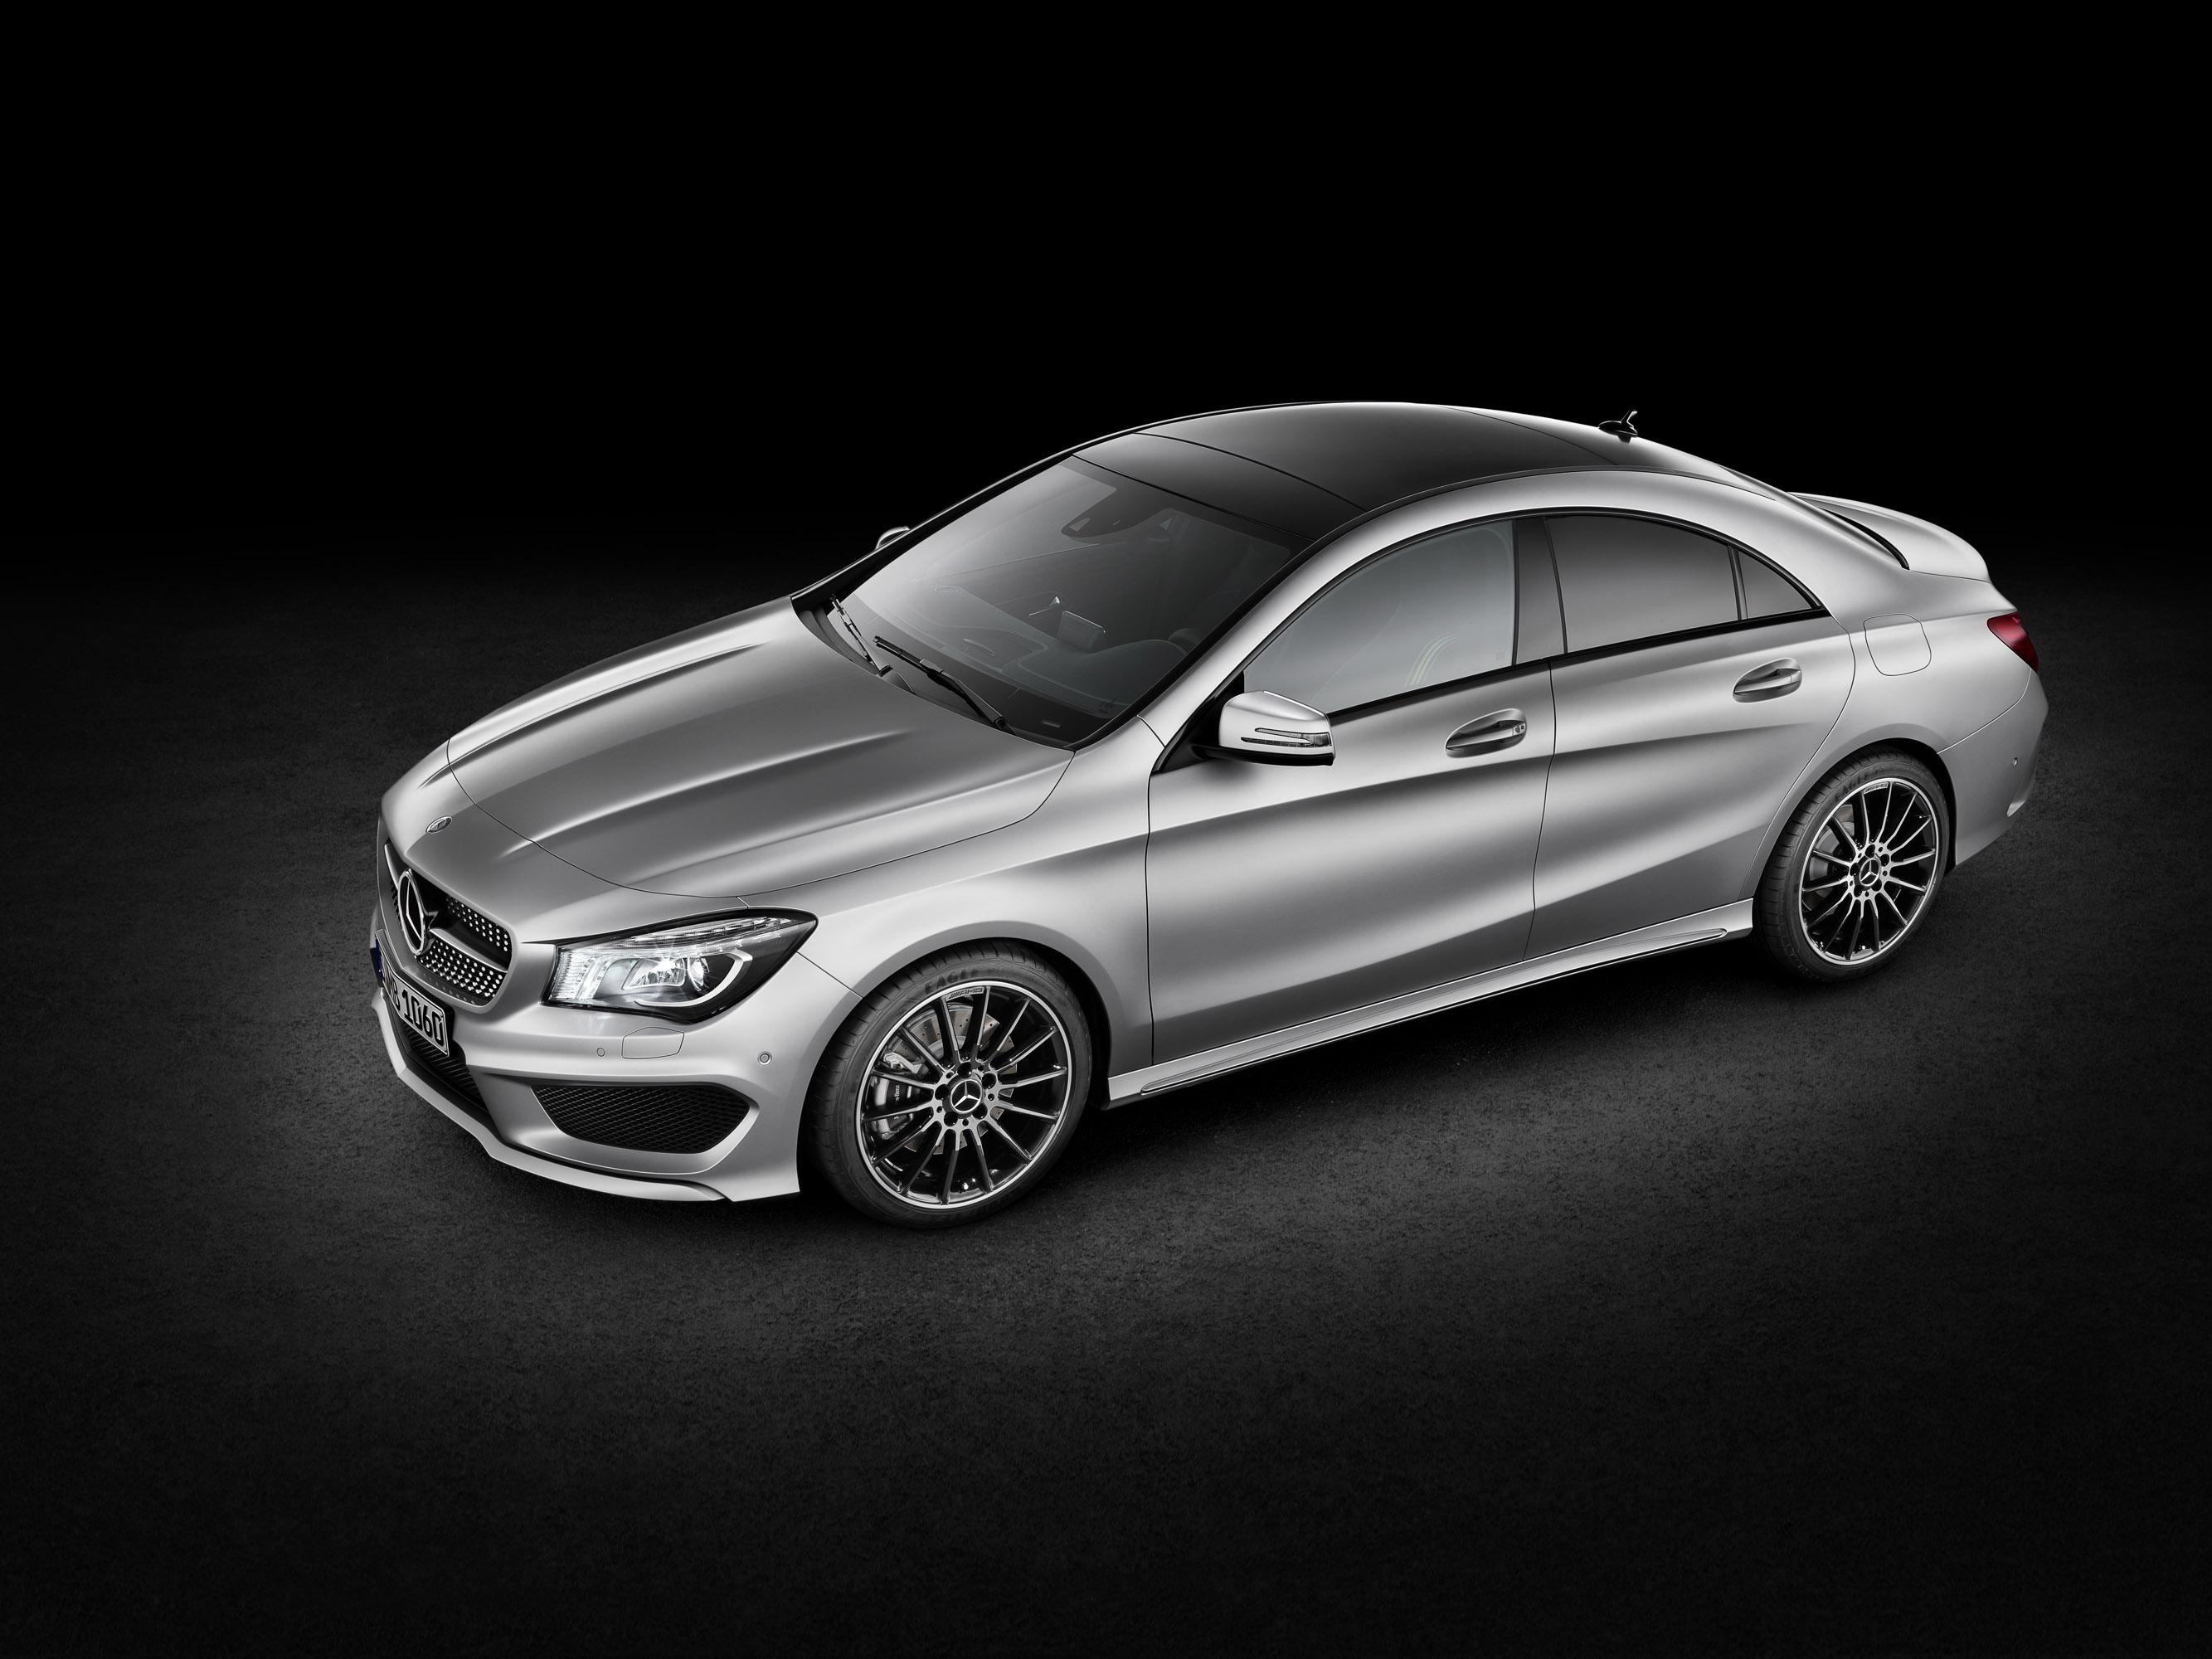 Mercedes-Benz CLA готовится к 2015 году, с большим количеством функций  - фотография №2